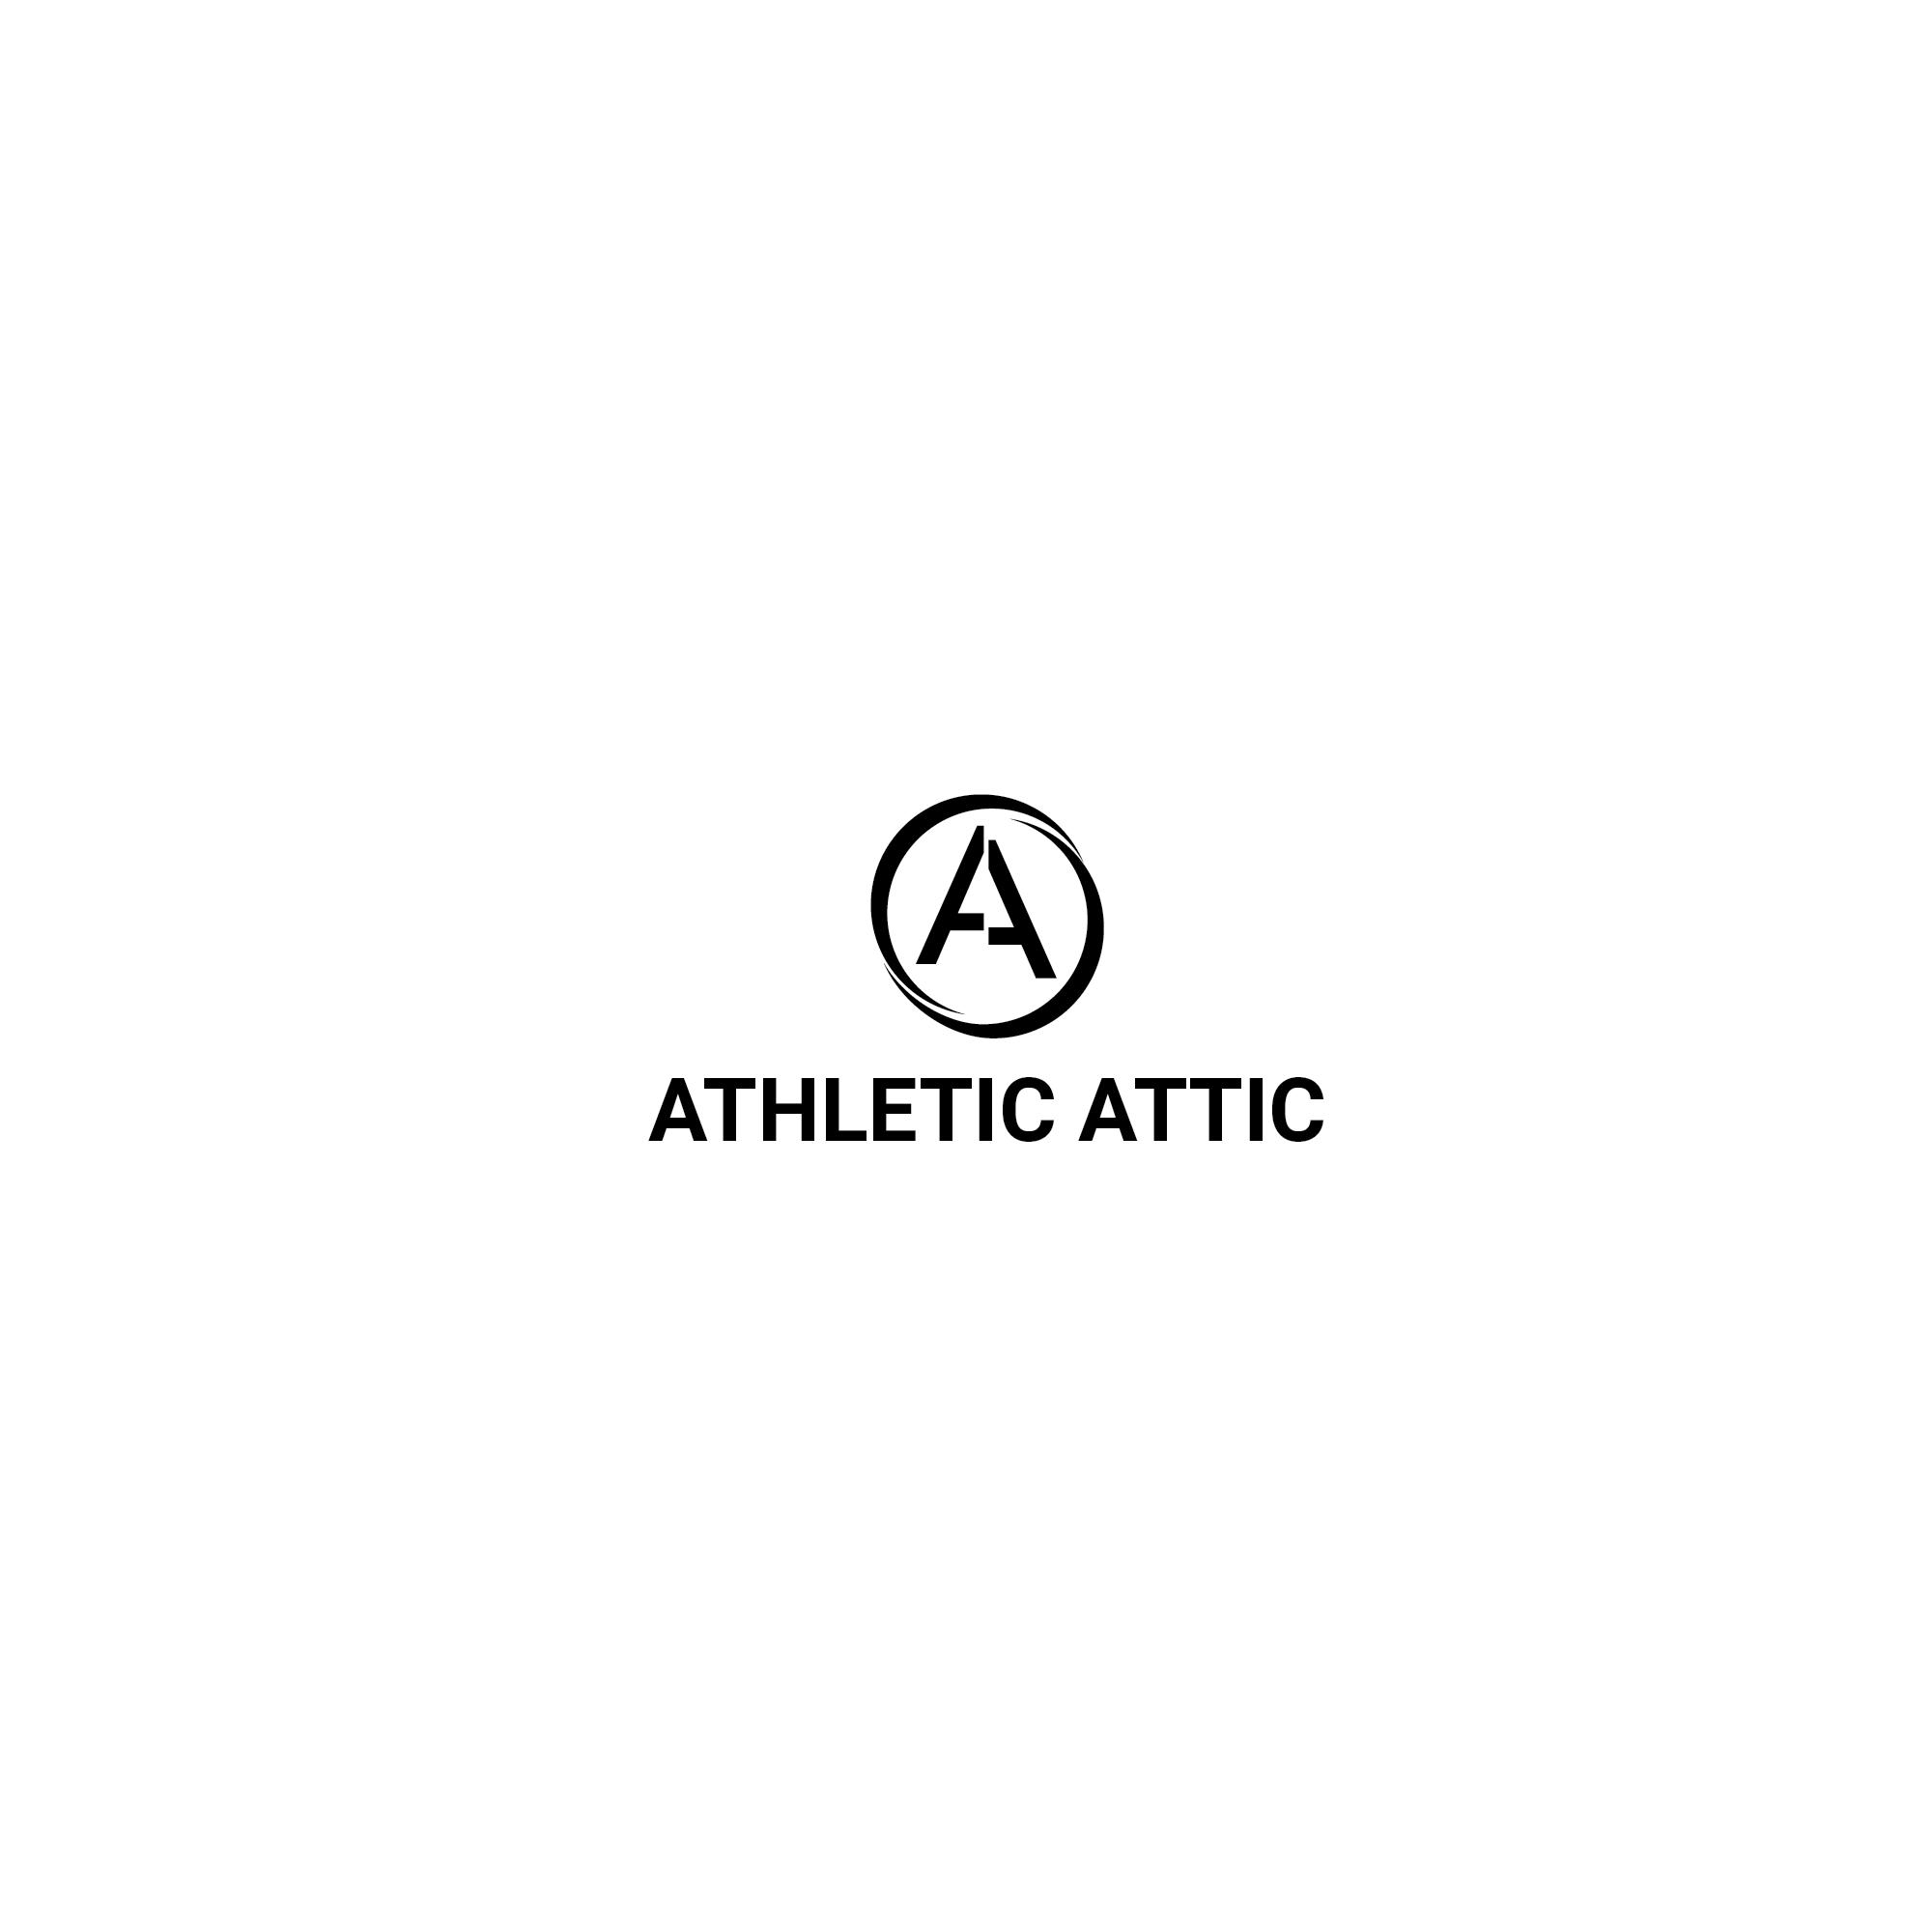 Logo Design by 354studio - Entry No. 93 in the Logo Design Contest Fun Logo Design for Athletic Attic.